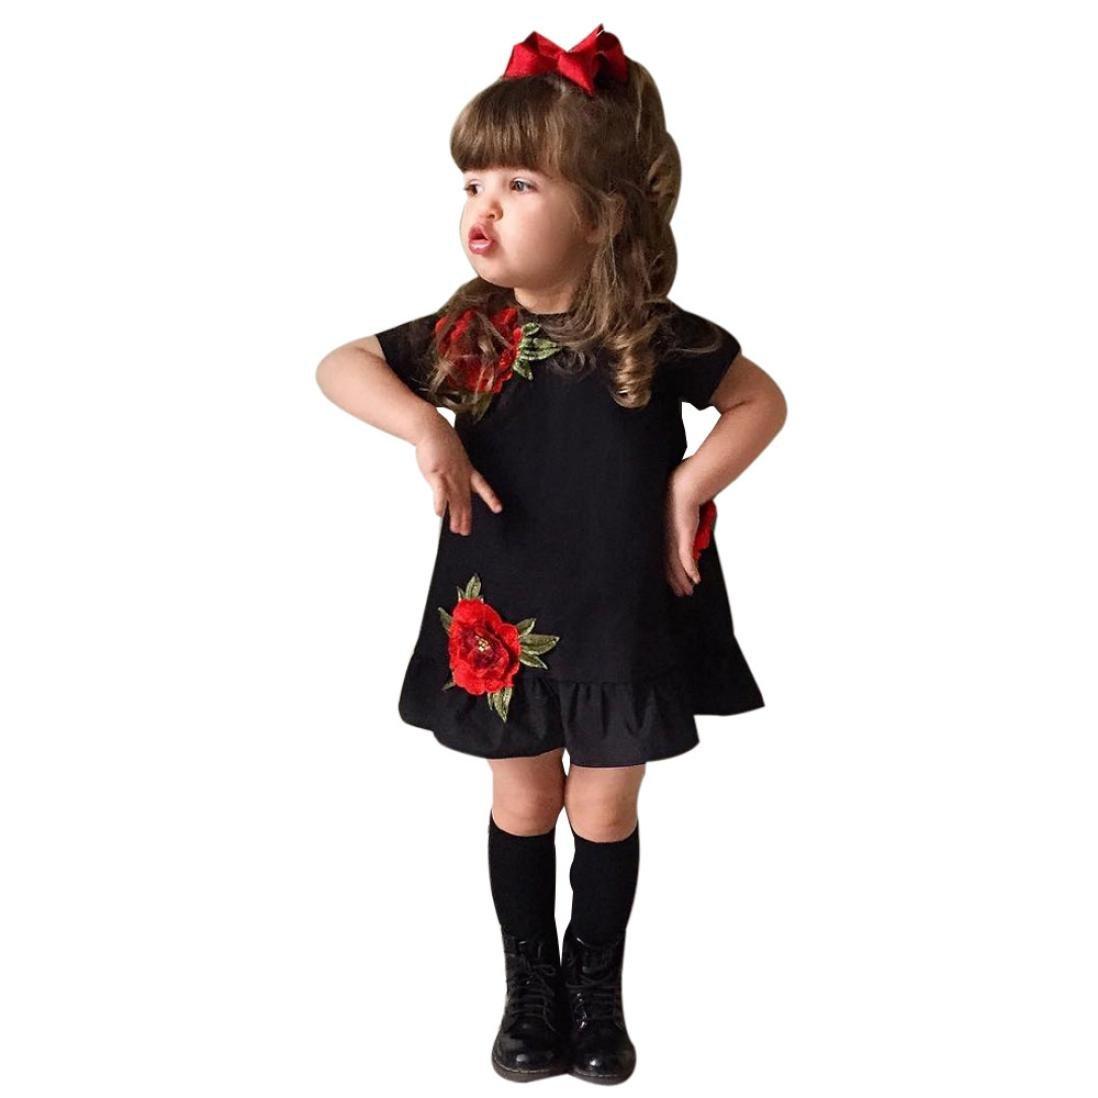 ❤ Amlaiworld Falda niña de Verano Bebé Niña Rosa Floral Vestir Pompa Princesa Fiesta Vestido ropa 6 Mes - 5 Años (Negro, Tamaño:3 Años): Amazon.es: Bebé